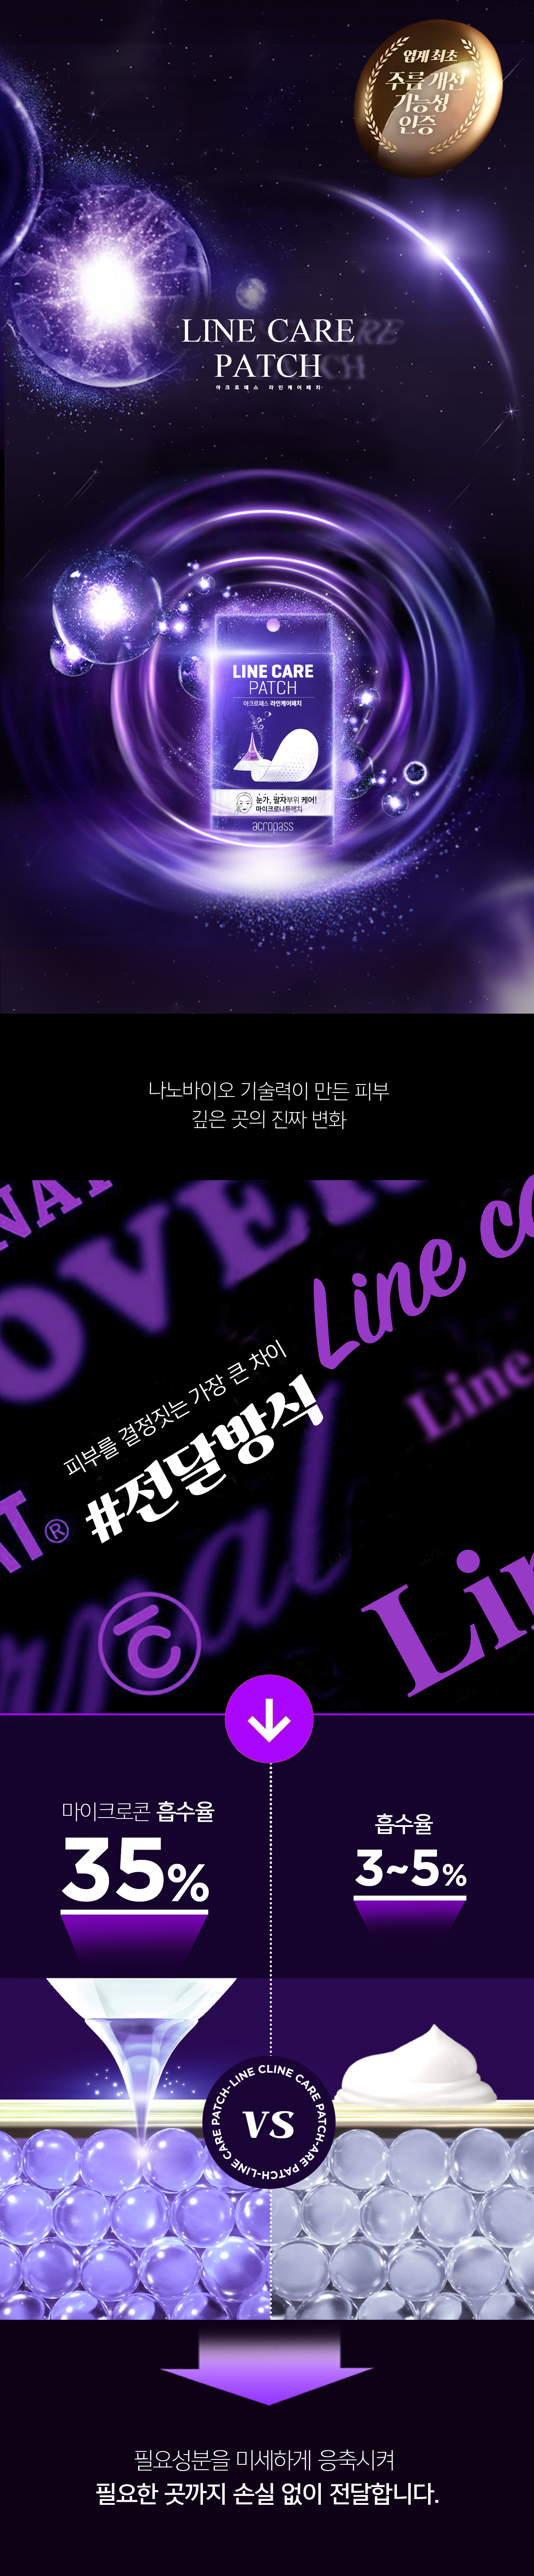 linecare_renwal_01.jpg